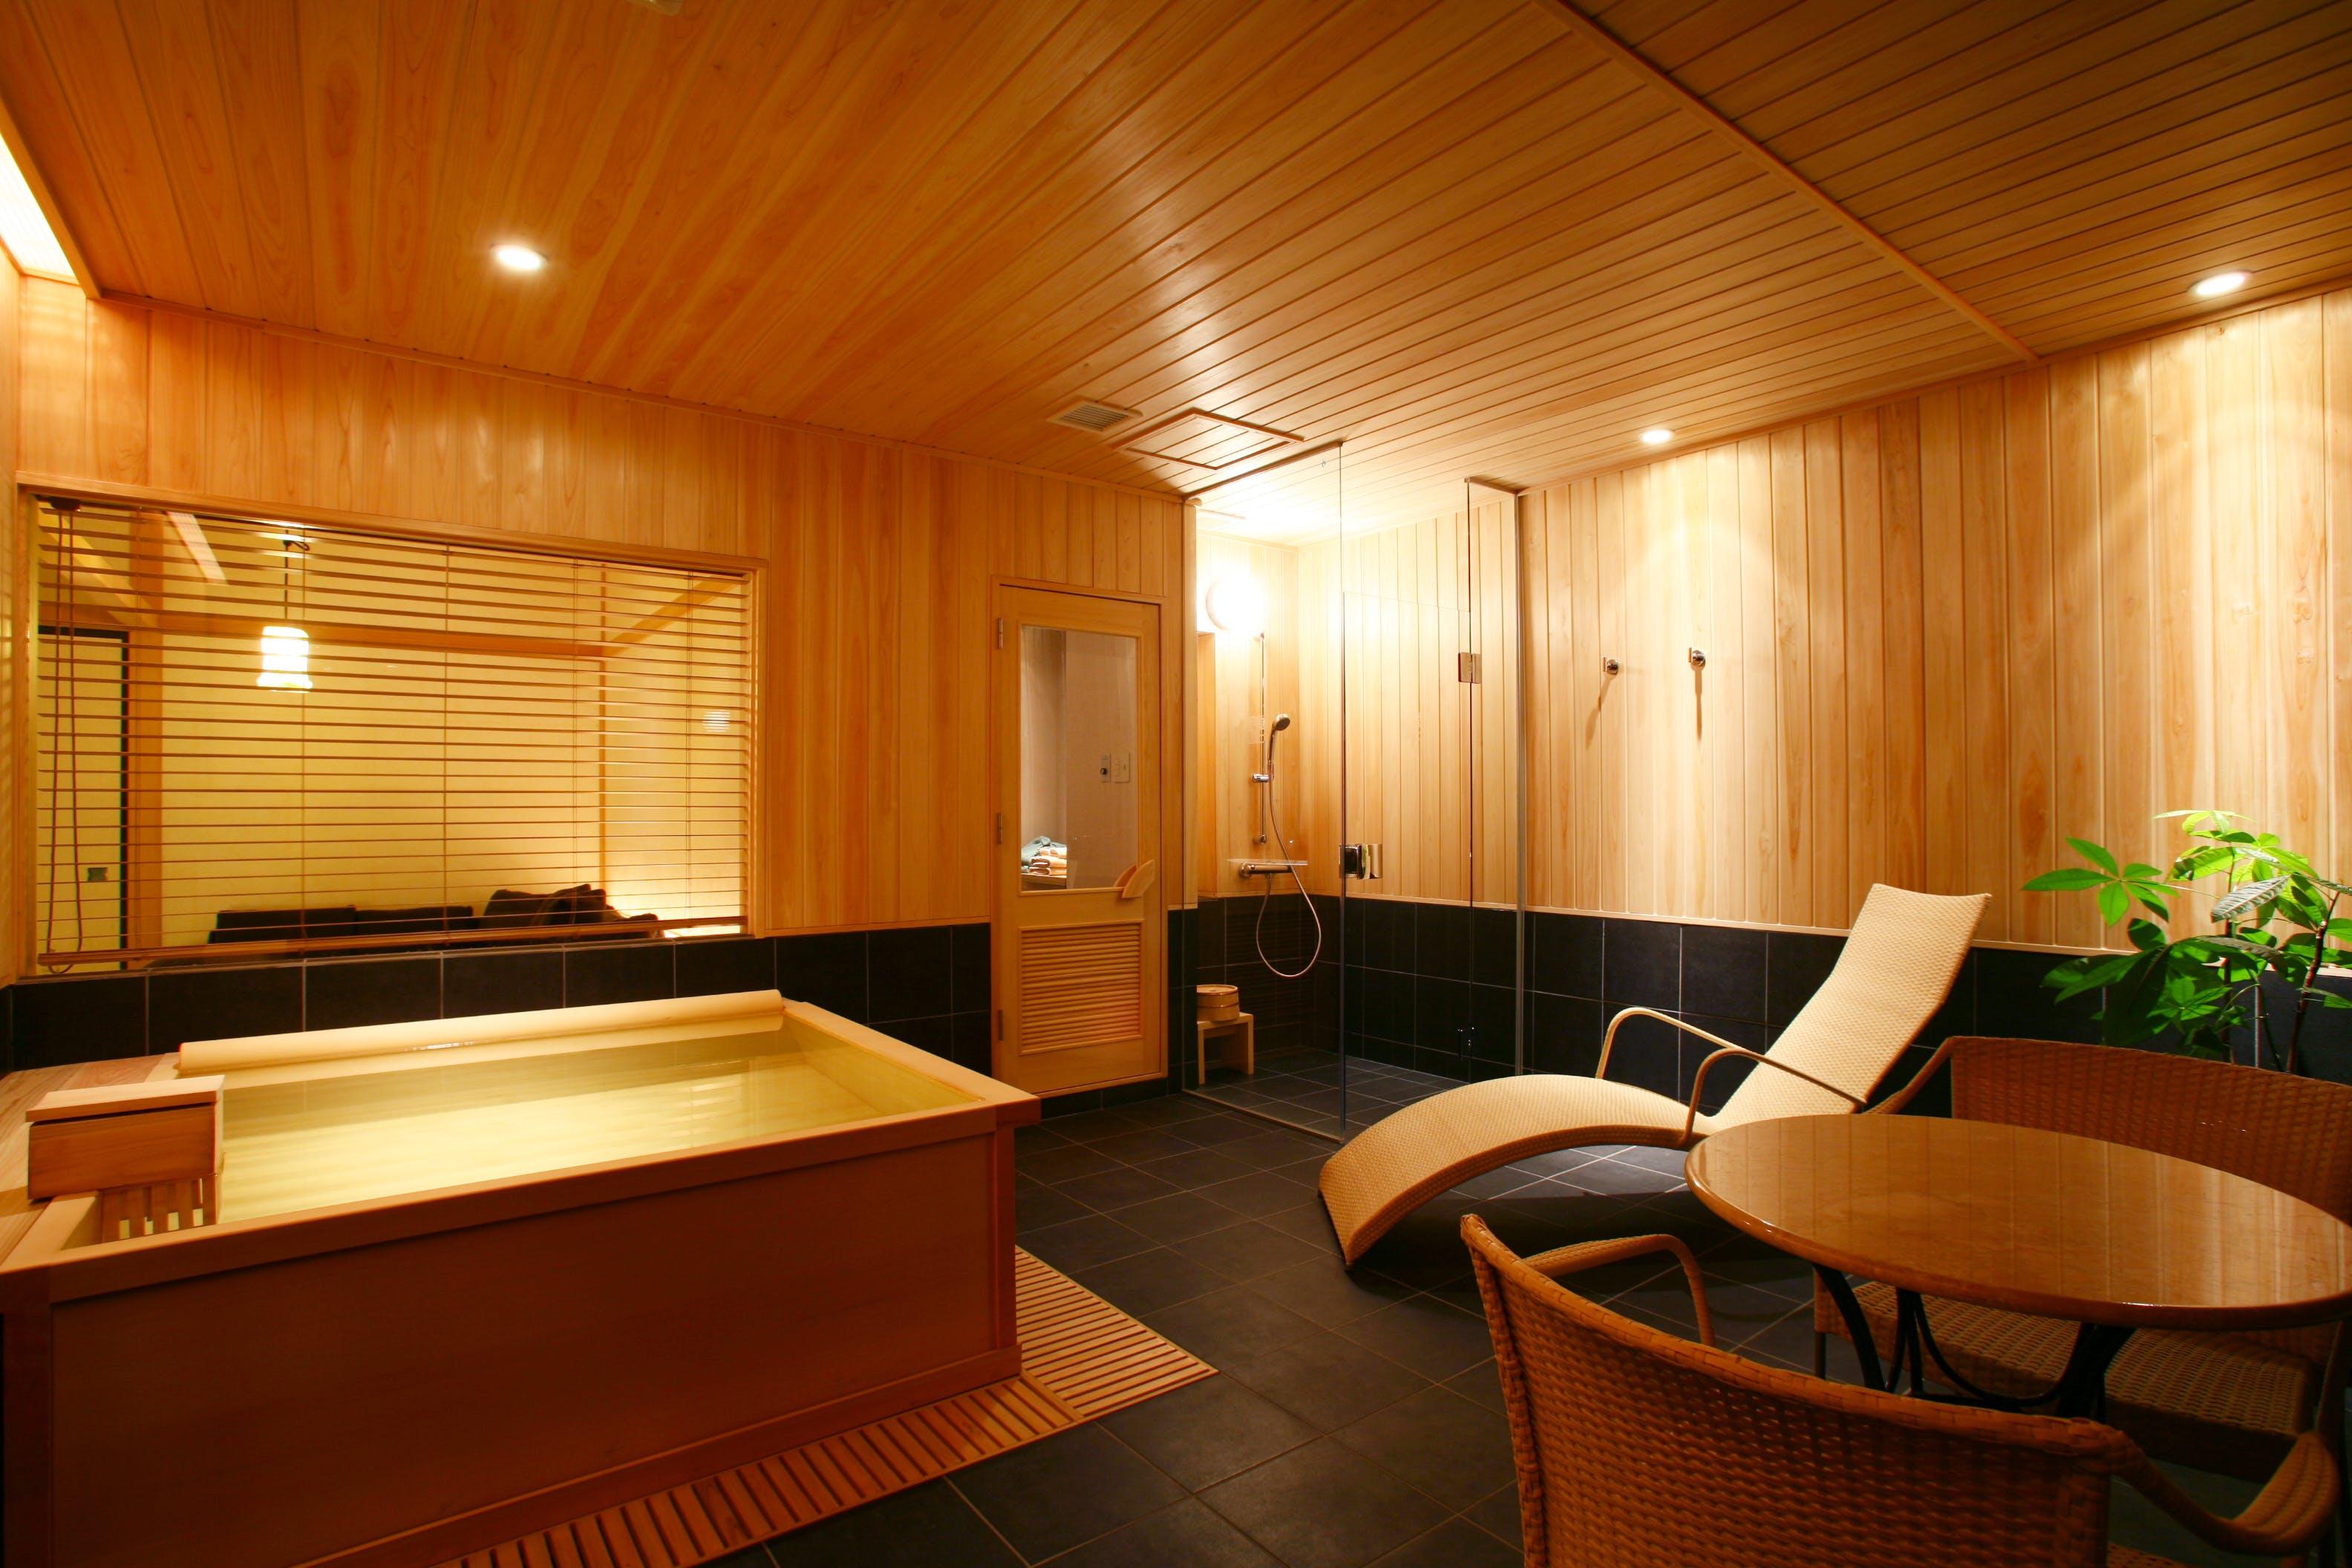 札幌の奥座敷でオリジナルの温泉と食を愉しむ大人の宿